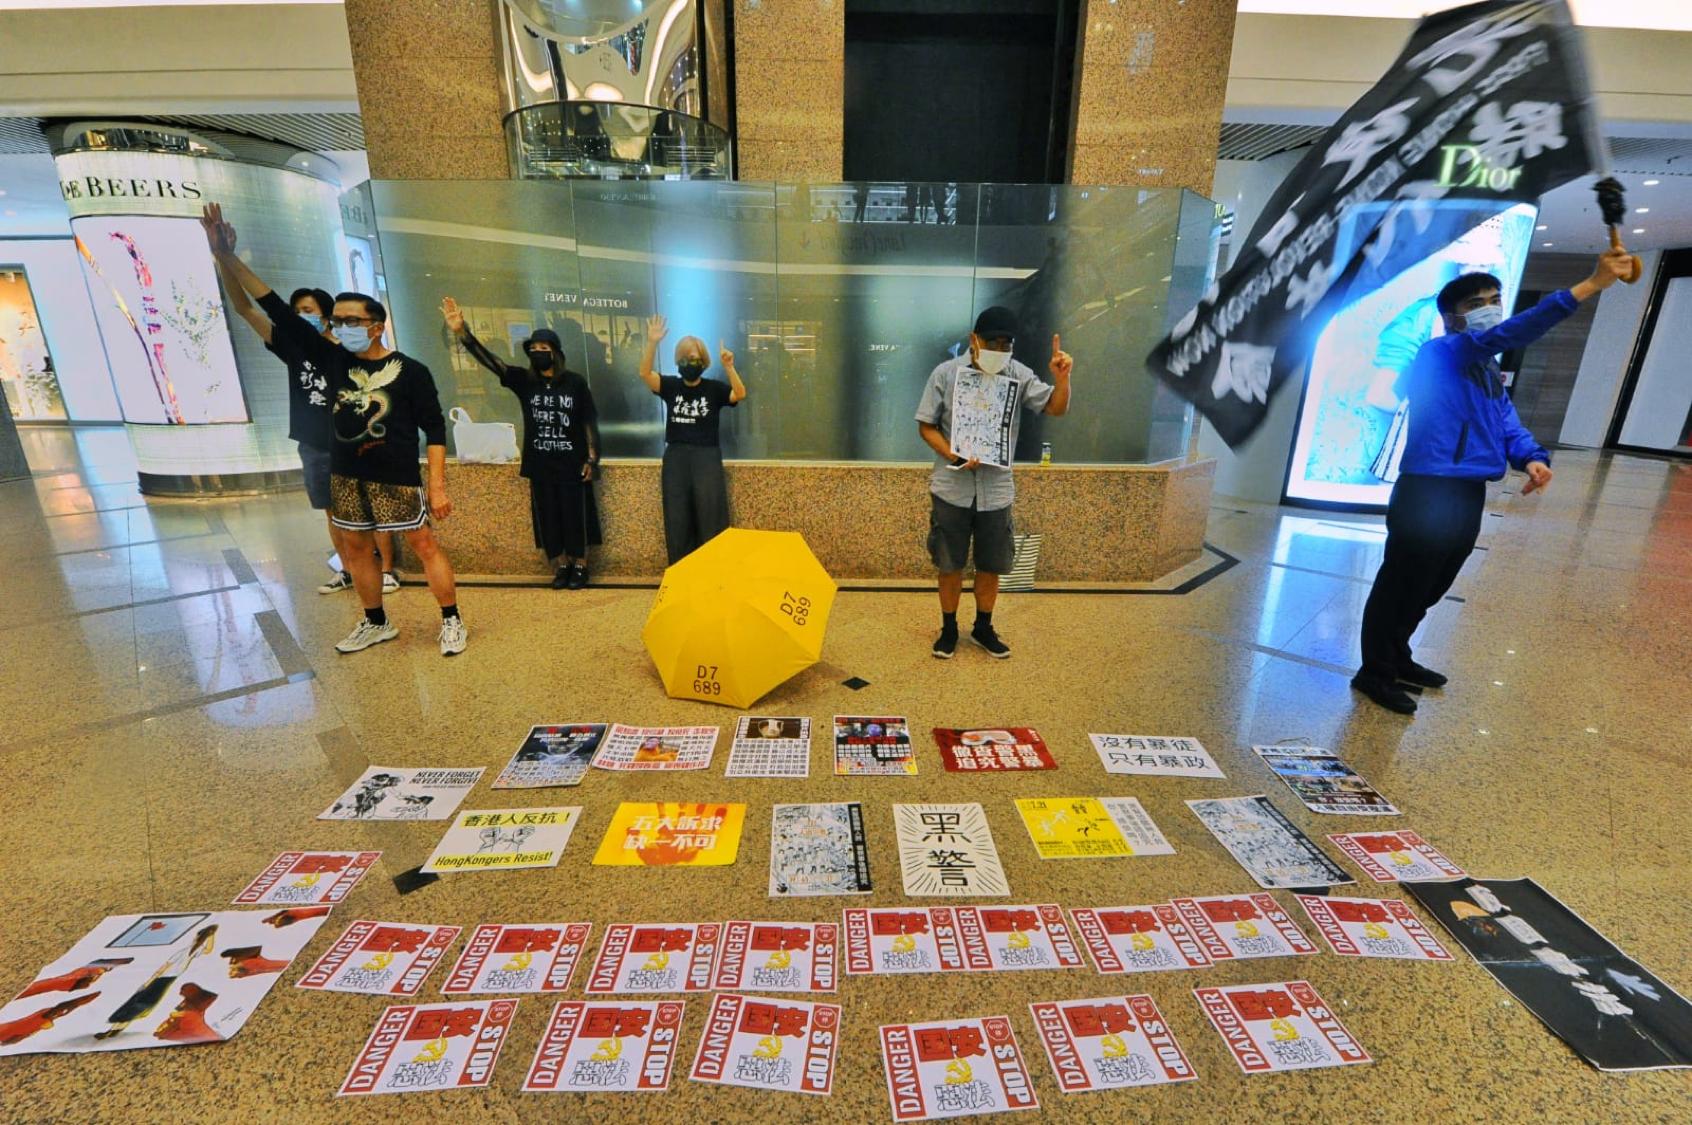 銅鑼灣時代廣場也有市民聚集靜坐,並舉起「光復香港、時代革命」的橫幅。(宋碧龍/大紀元)